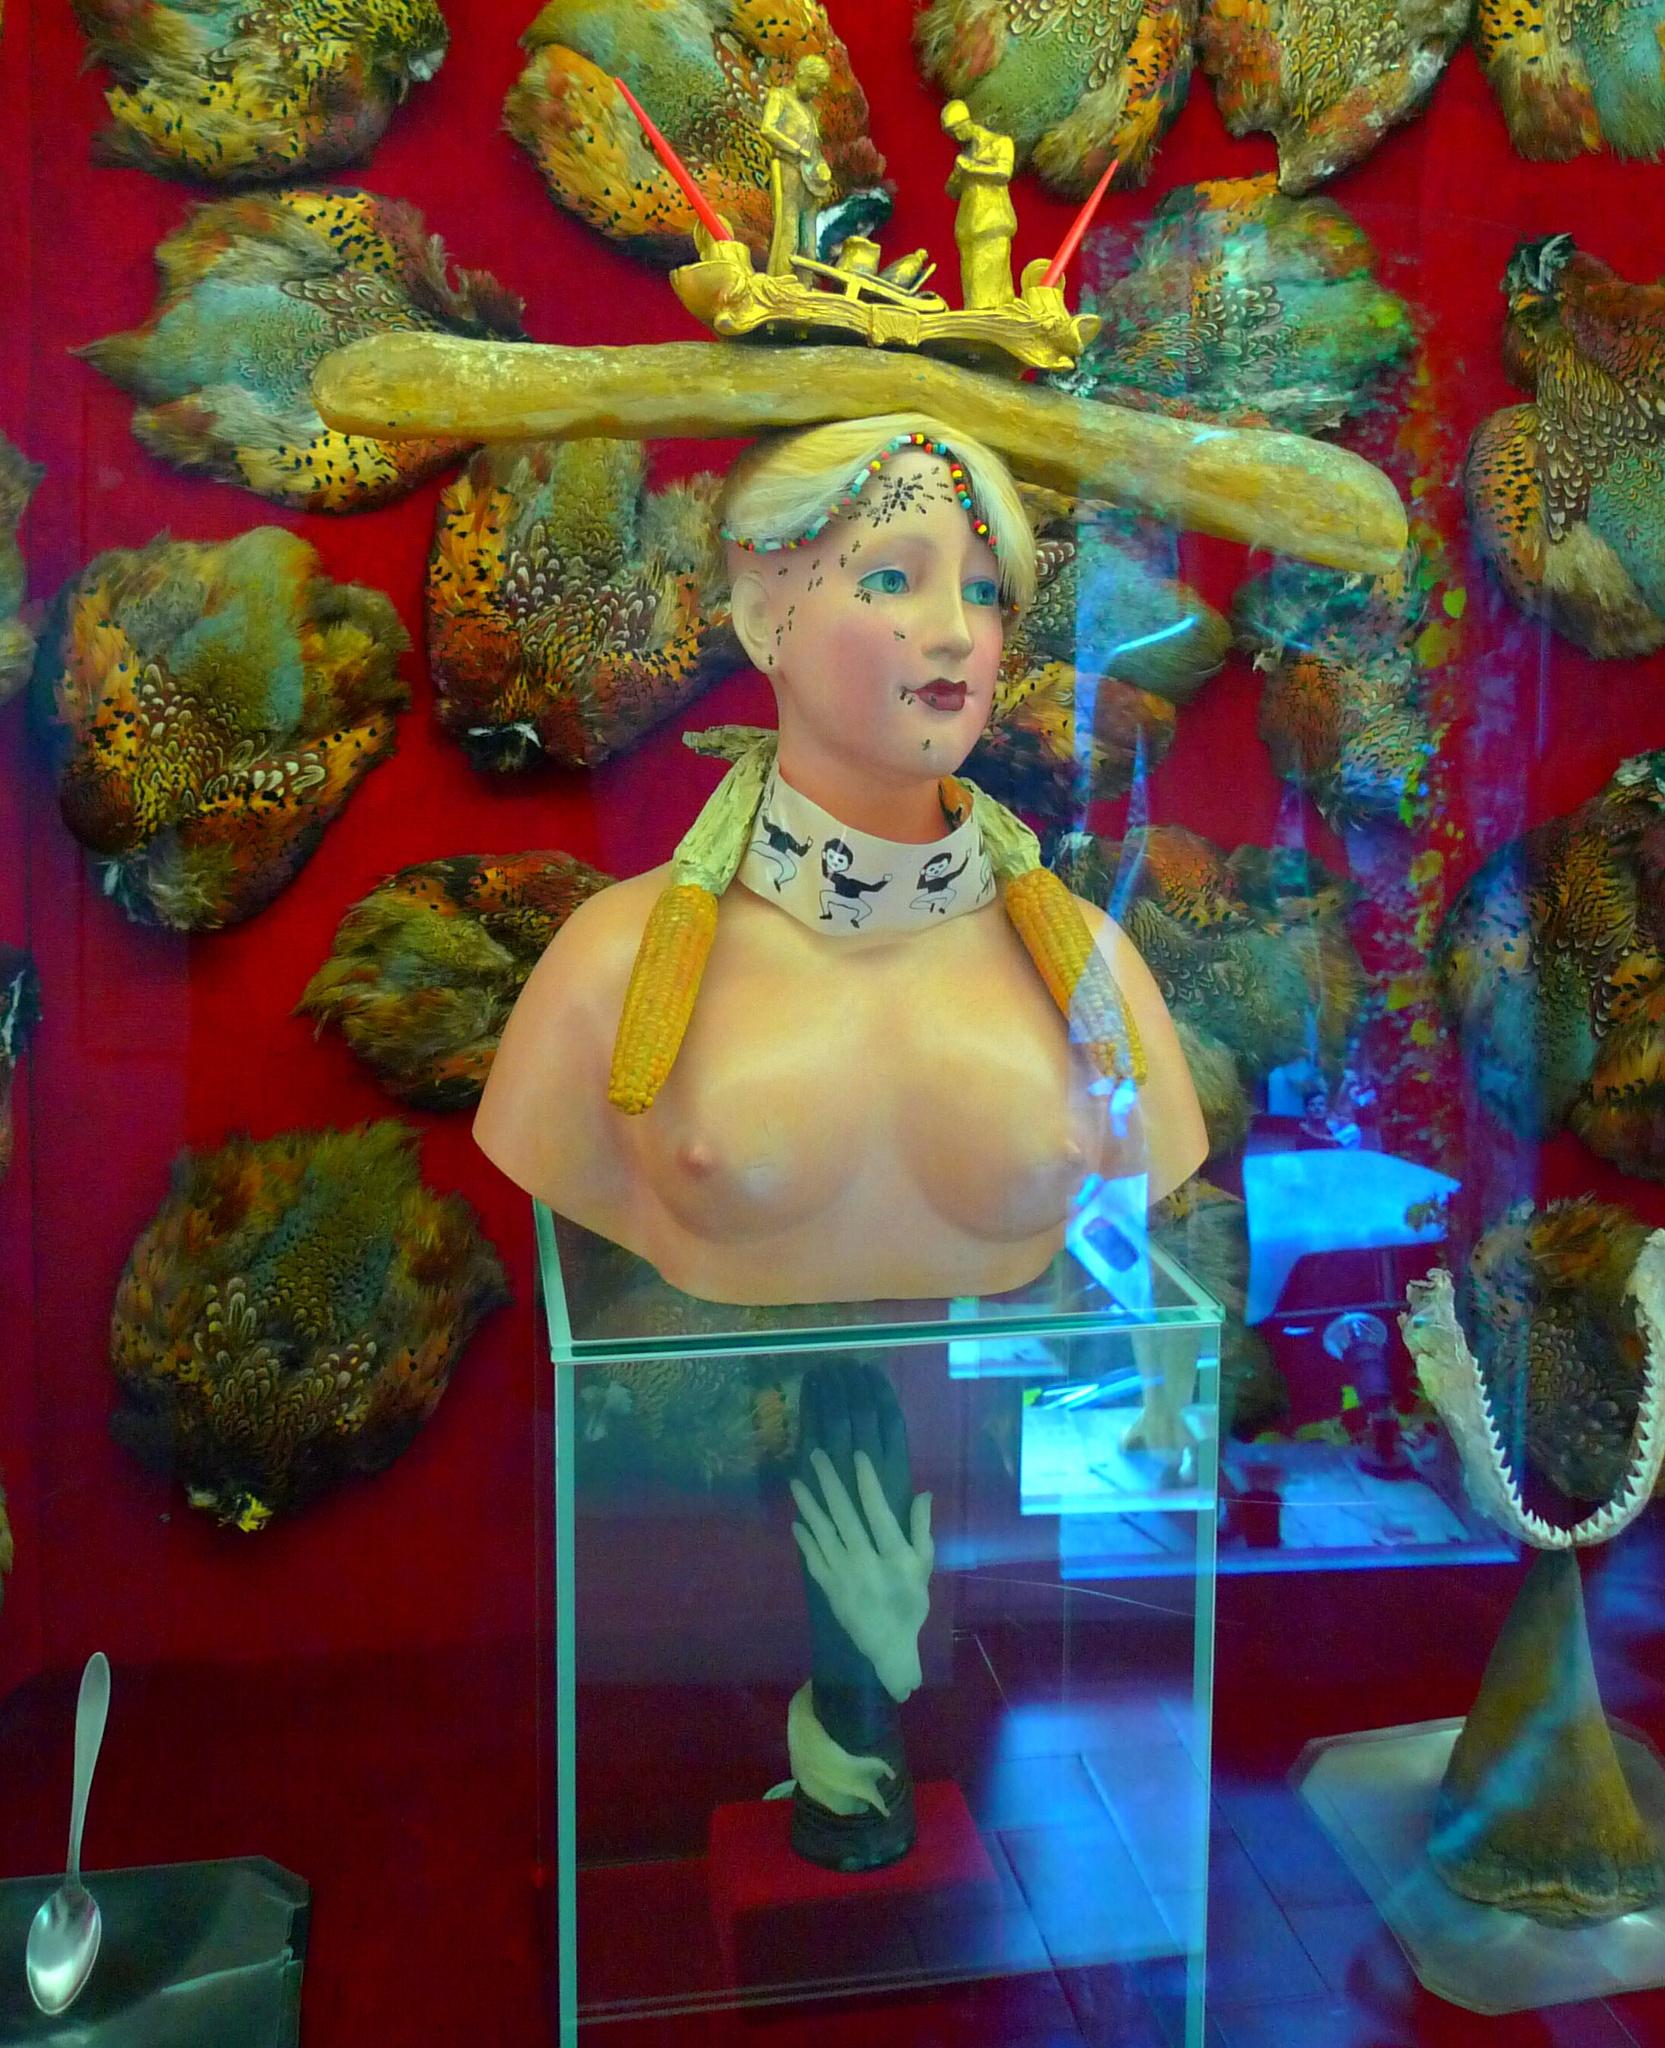 Fantasy Art SALVADOR DALÍ by sergey.parfeniuk